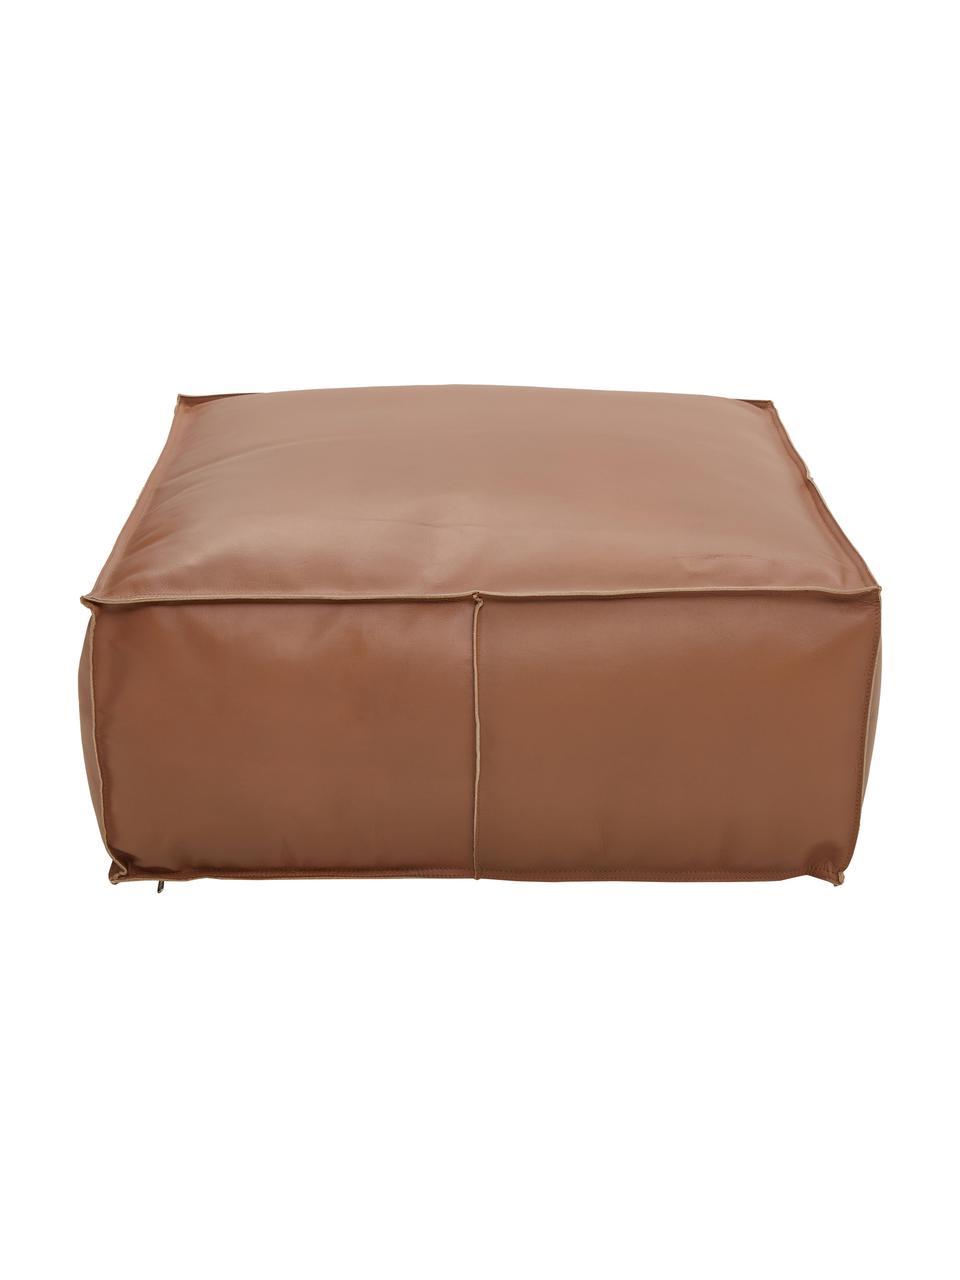 Grote leren poef Arabica, Bekleding: buffelleer, nappaleer, Onderzijde: katoen, Cognackleurig, 70 x 30 cm